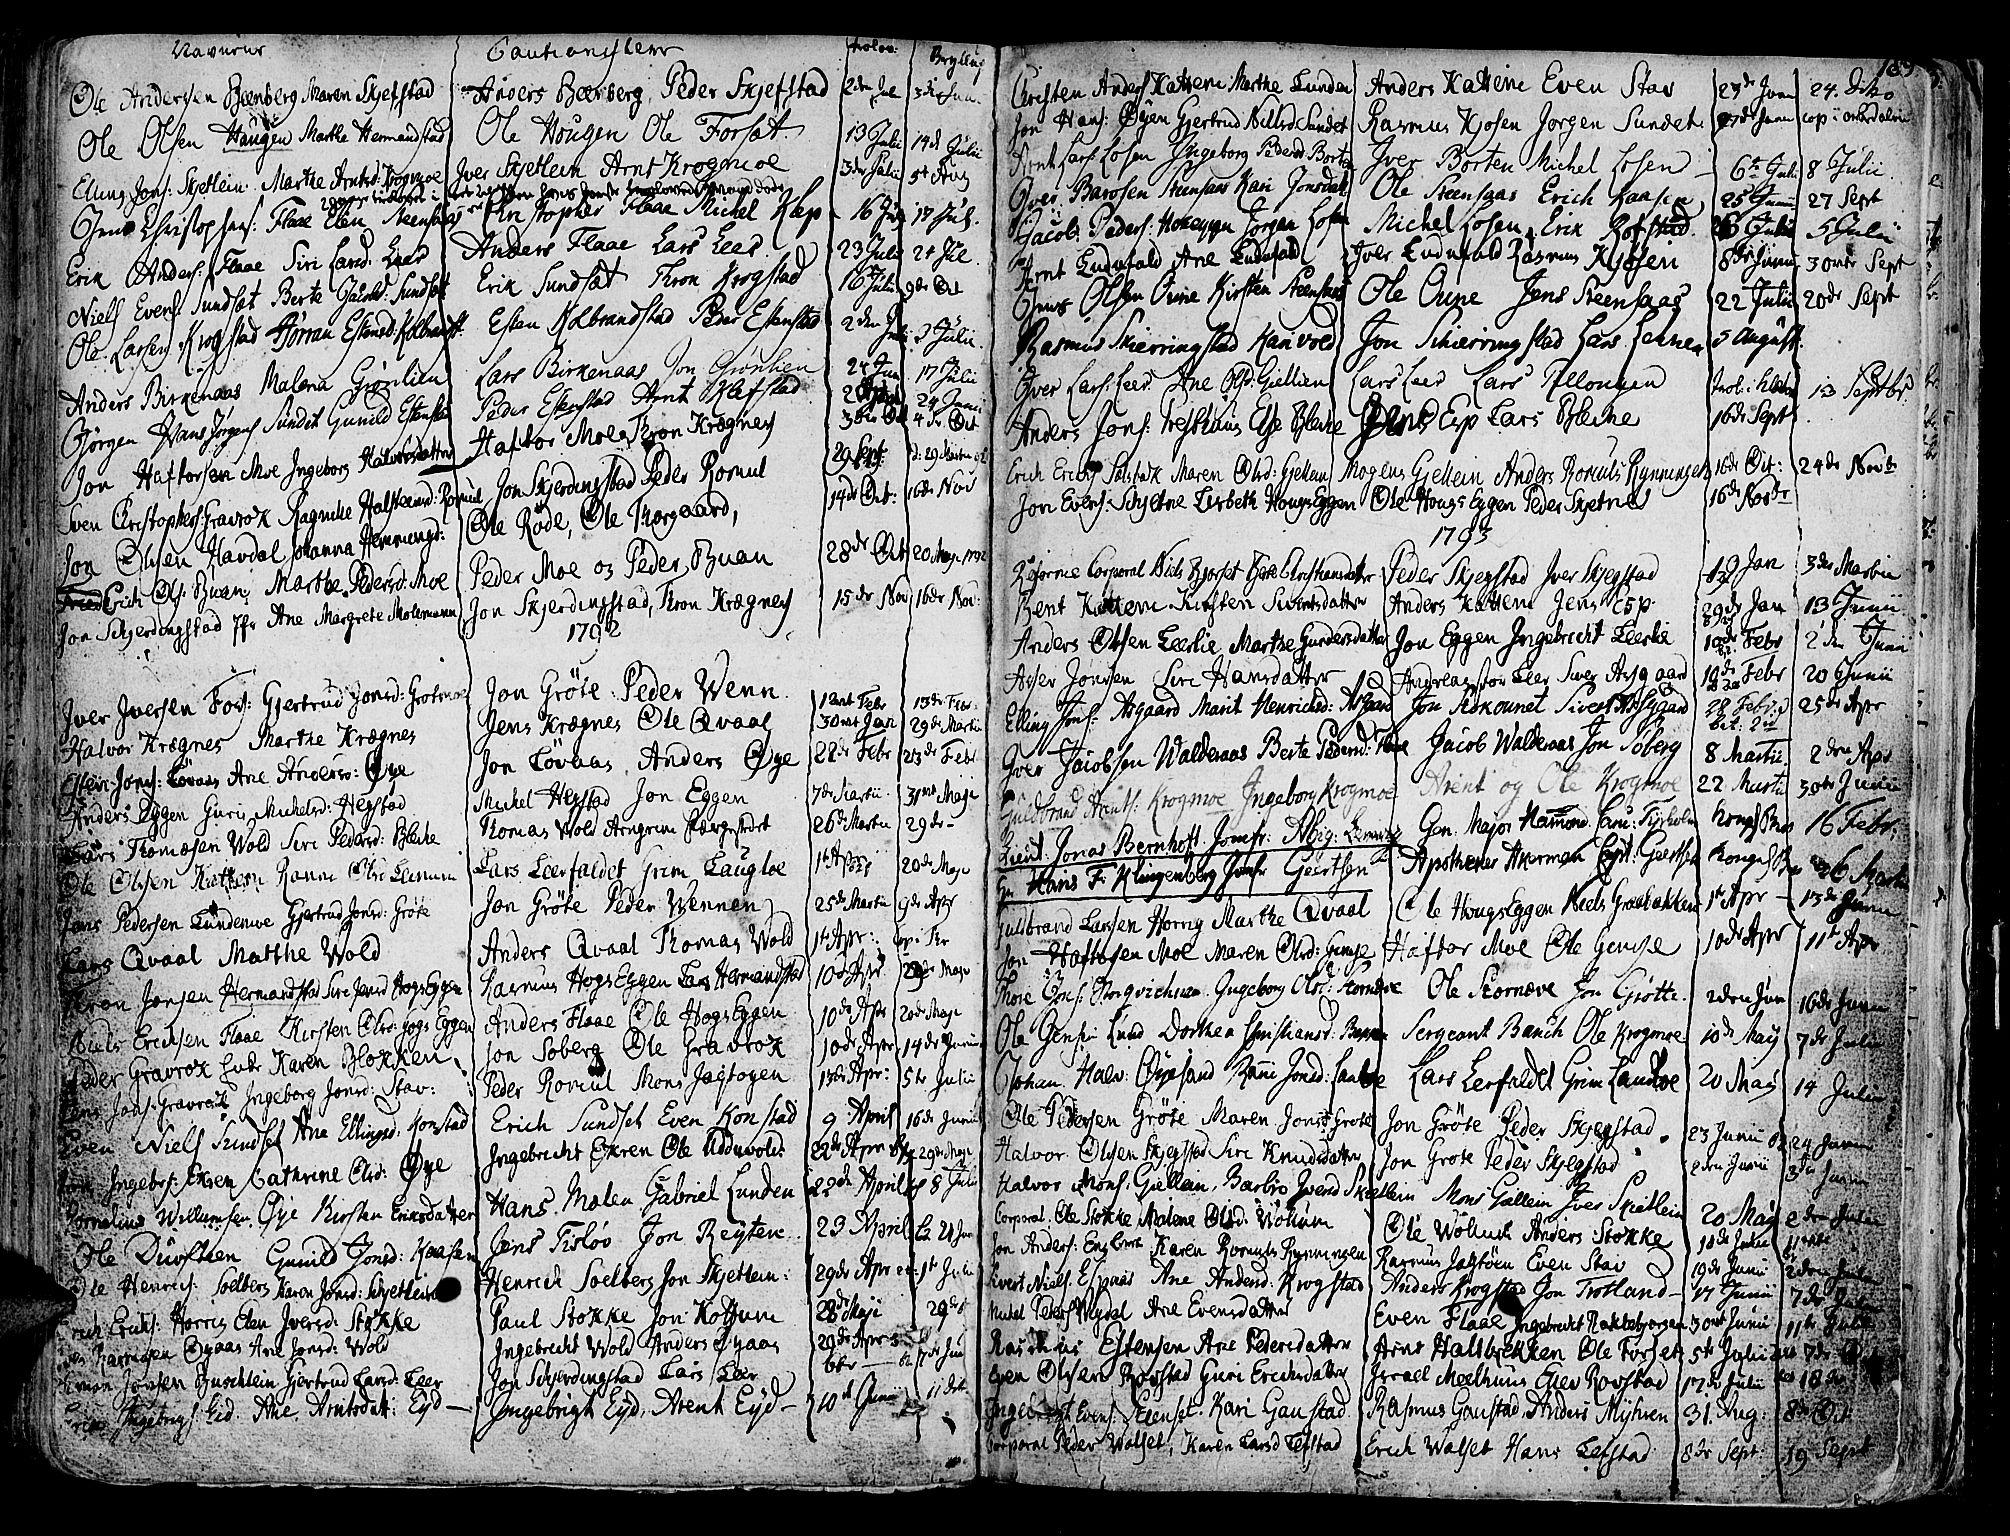 SAT, Ministerialprotokoller, klokkerbøker og fødselsregistre - Sør-Trøndelag, 691/L1061: Ministerialbok nr. 691A02 /1, 1768-1815, s. 189